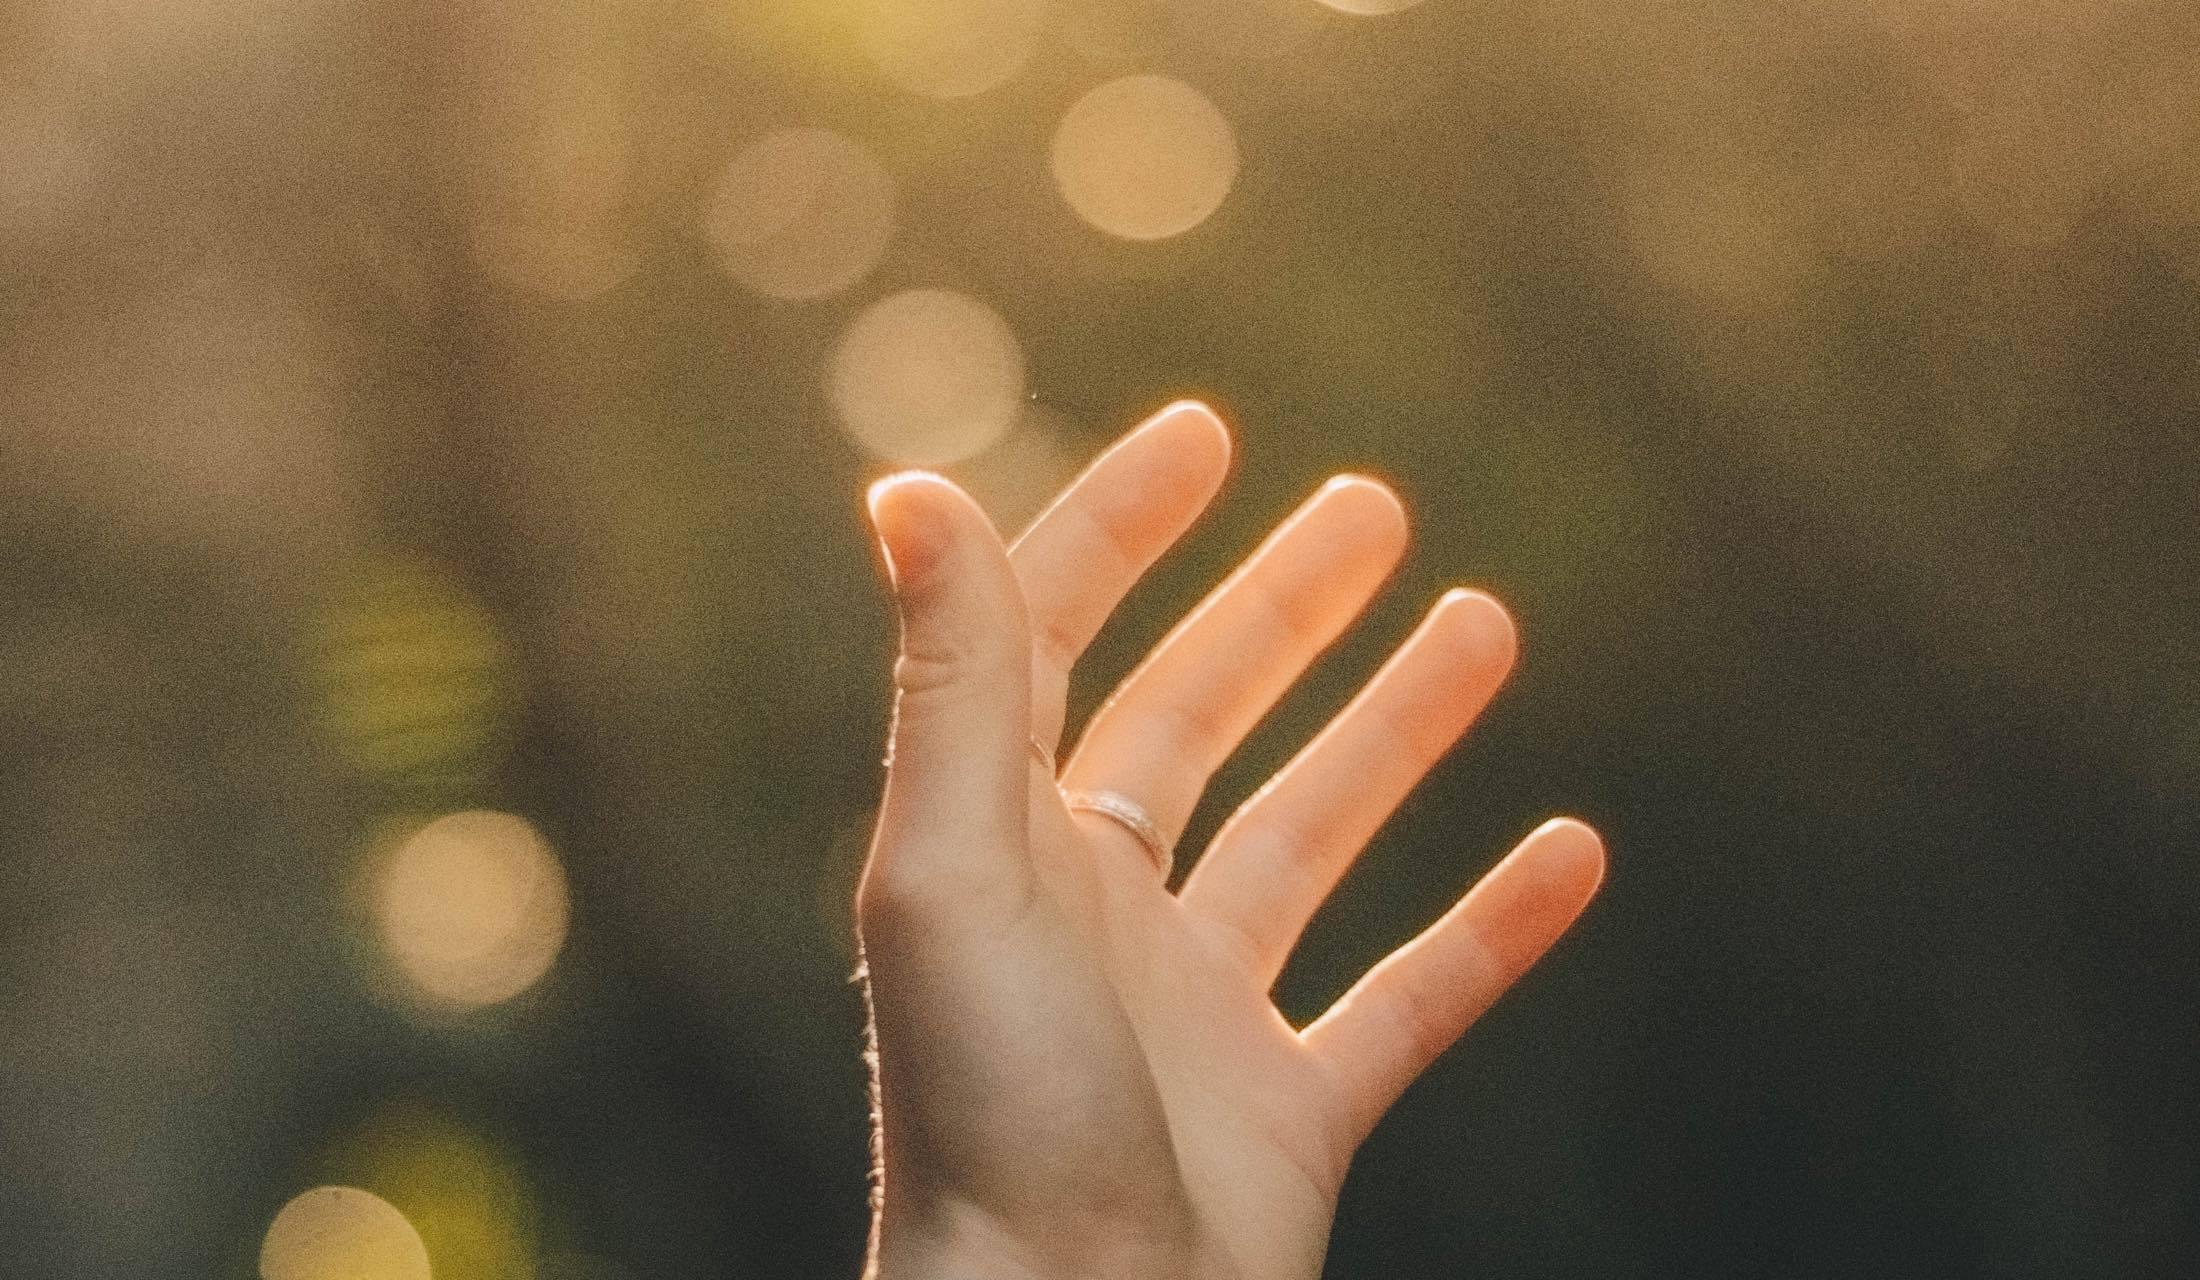 キラキラ輝いている明かりと手